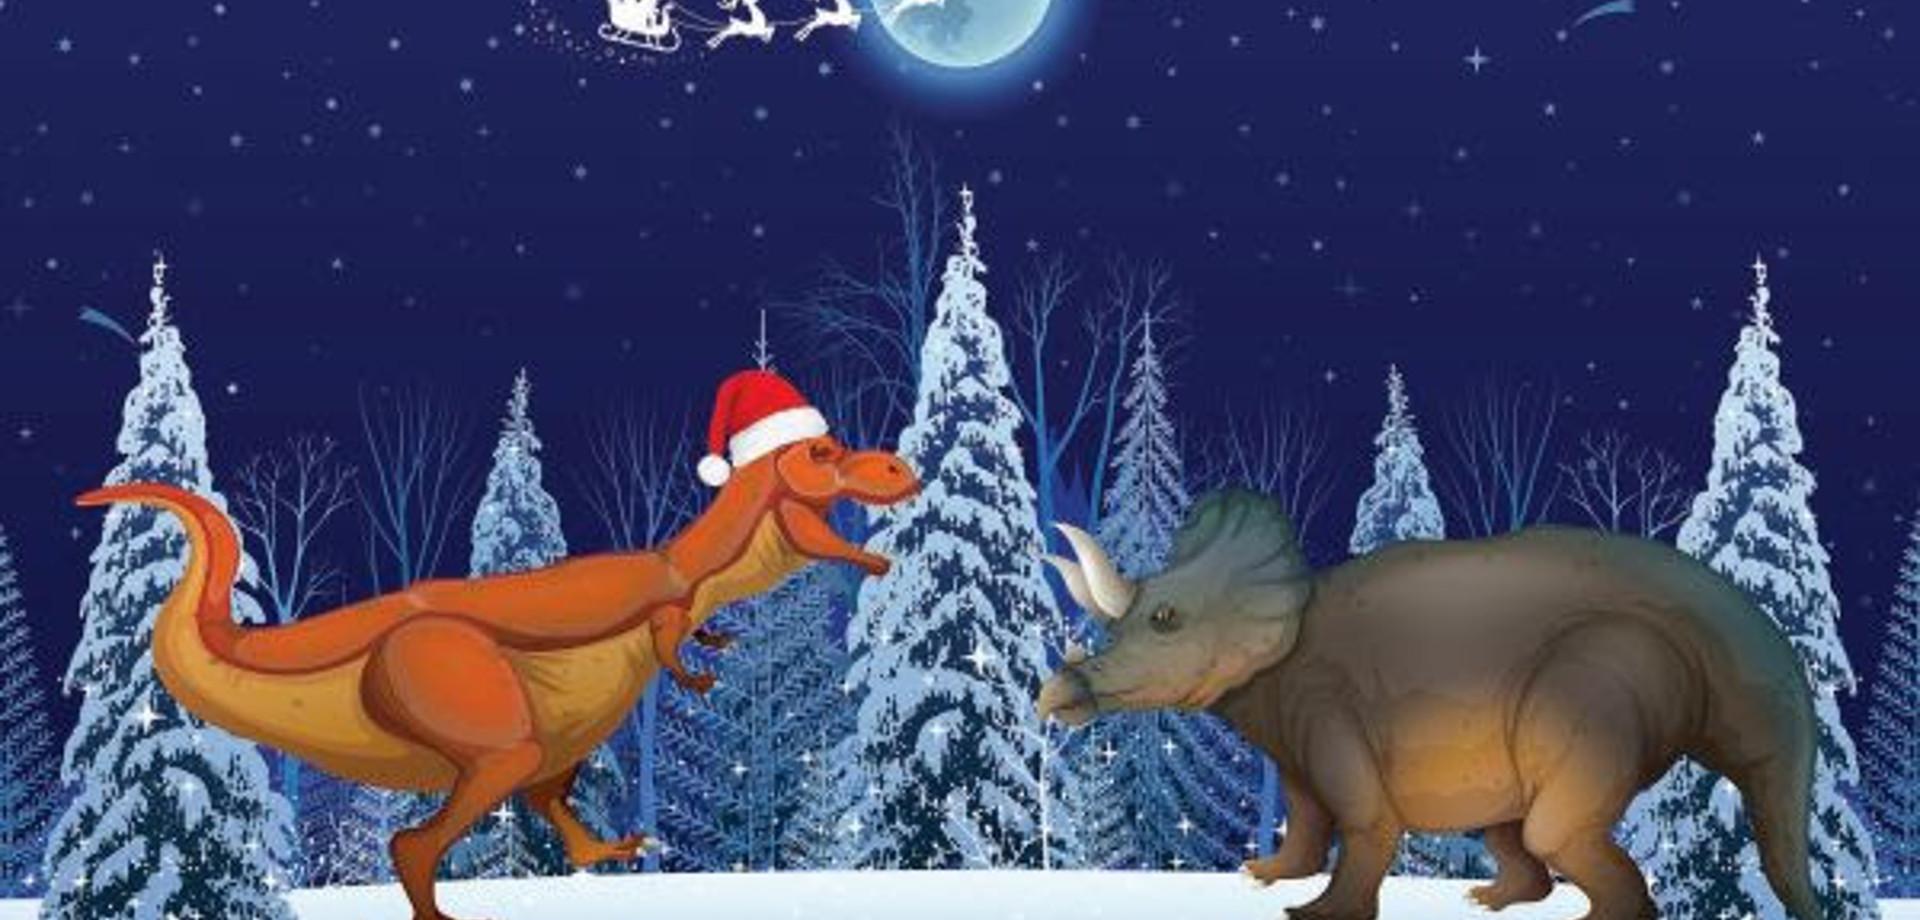 Χριστούγεννα στο Μουσείο Γουλανδρή Φυσικής Ιστορίας